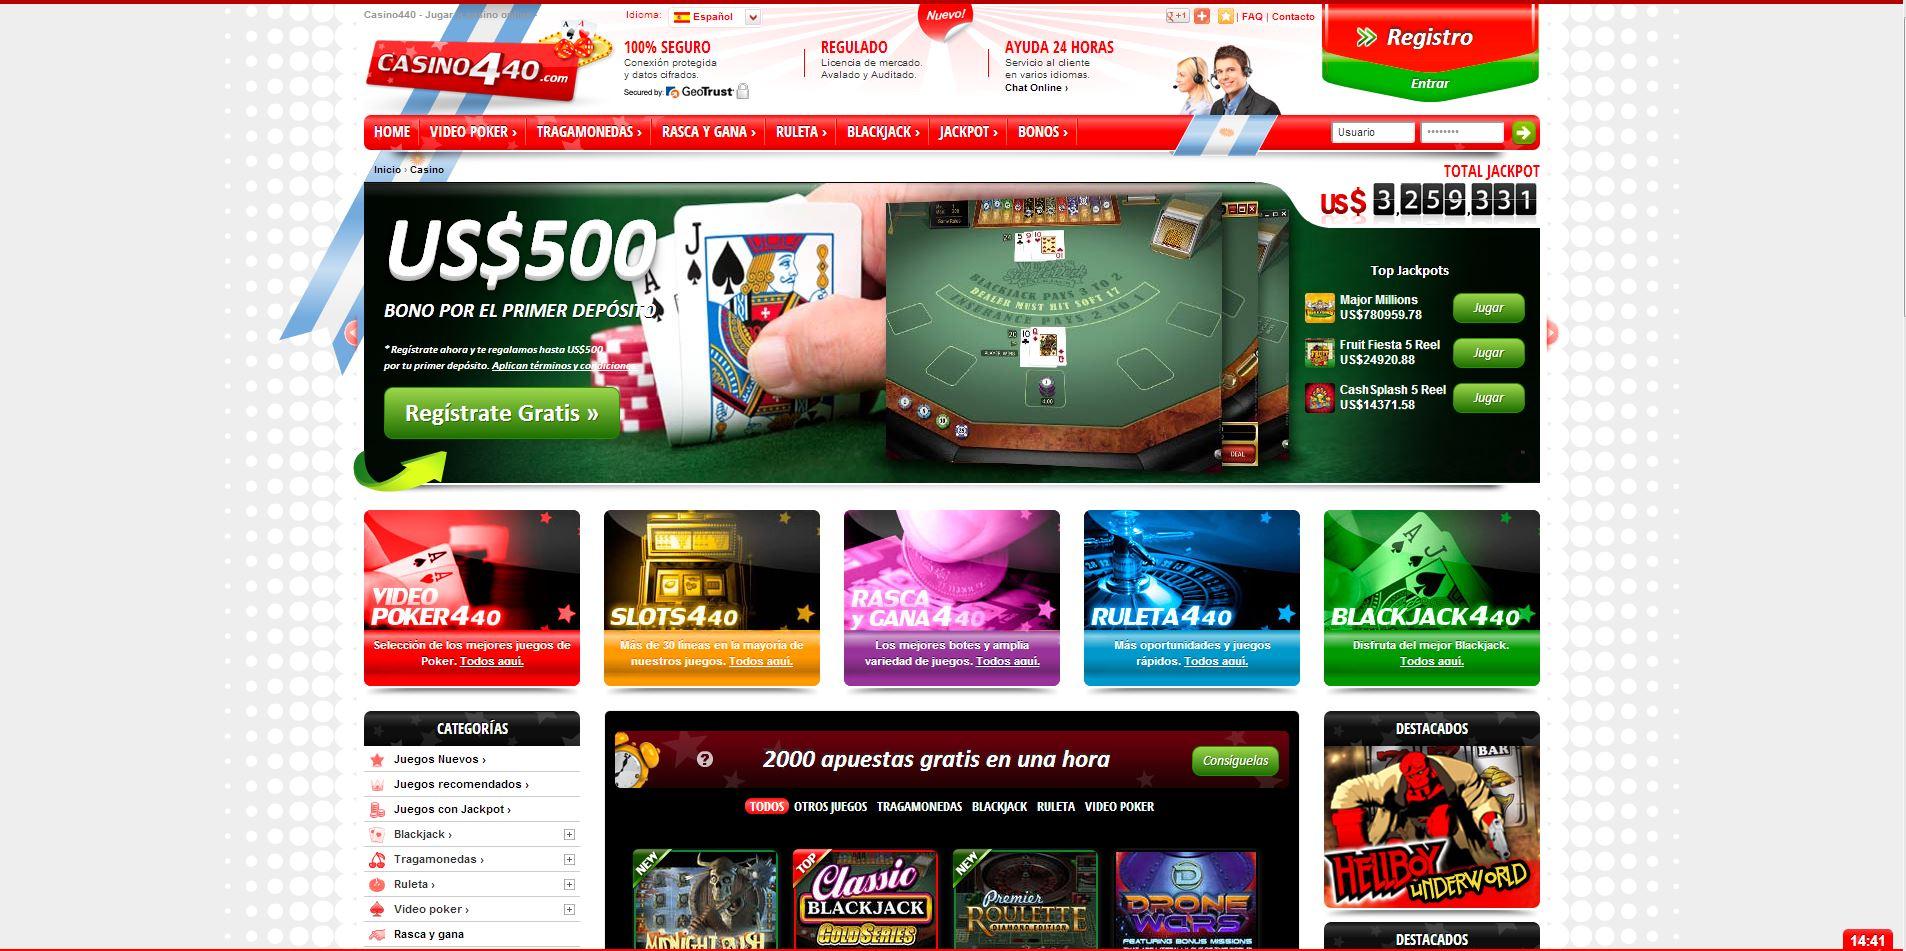 Juegos casino 440 como cancelar un deposito en skrill-62761